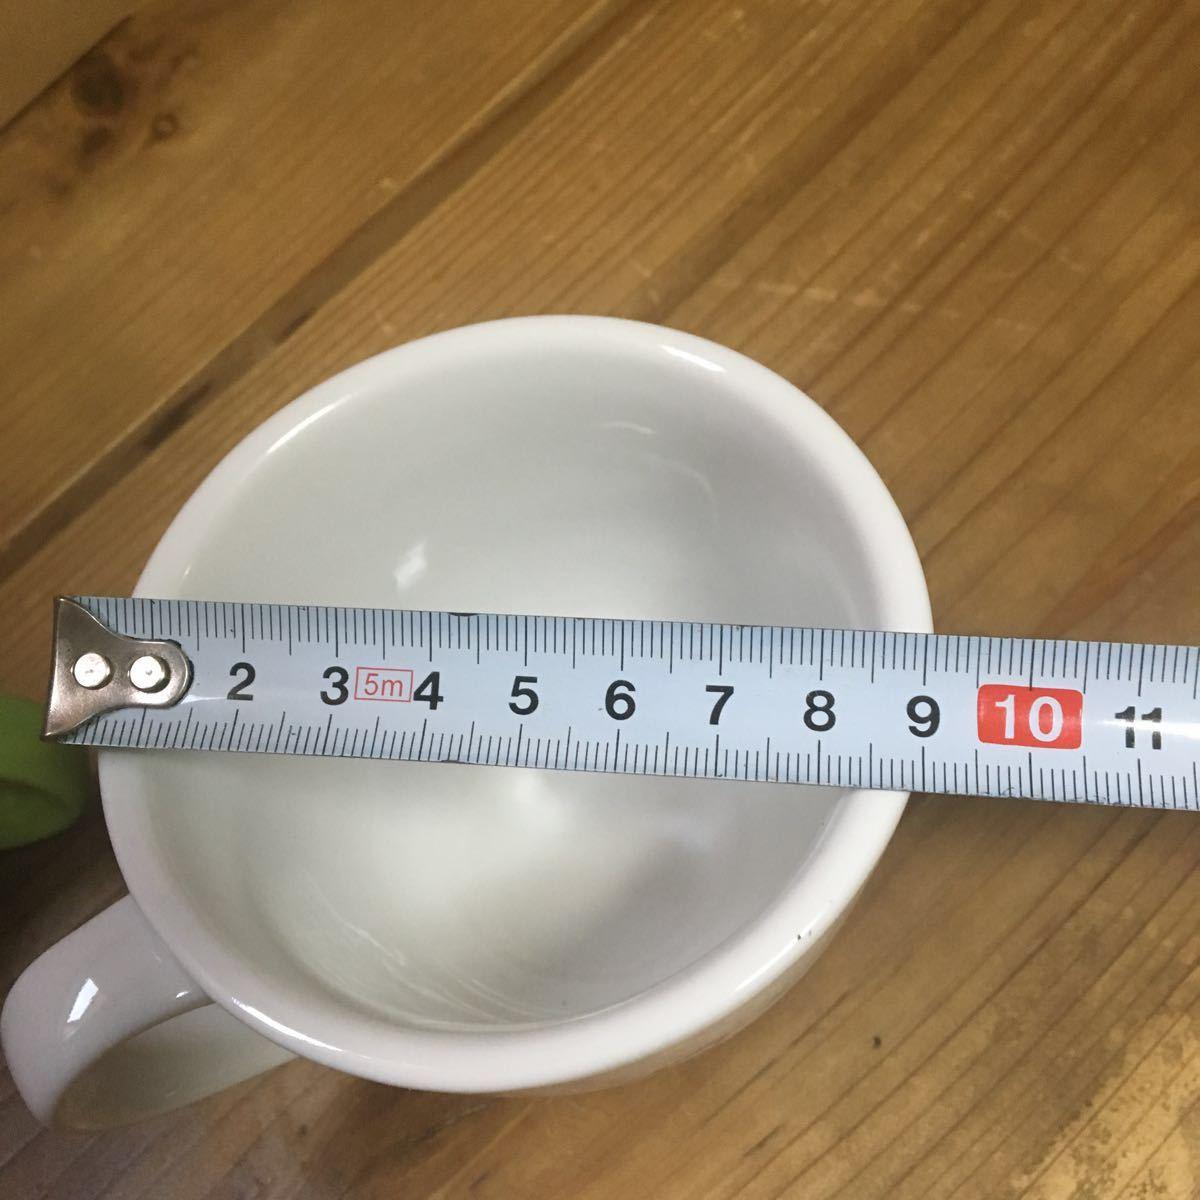 未使用 陶器製 ミスタードーナツ マグカップ 2個 セット 検索 ミスド ドーナッツ 非売品 グッズ 企業物 ノベルティ マグ コップ_画像4